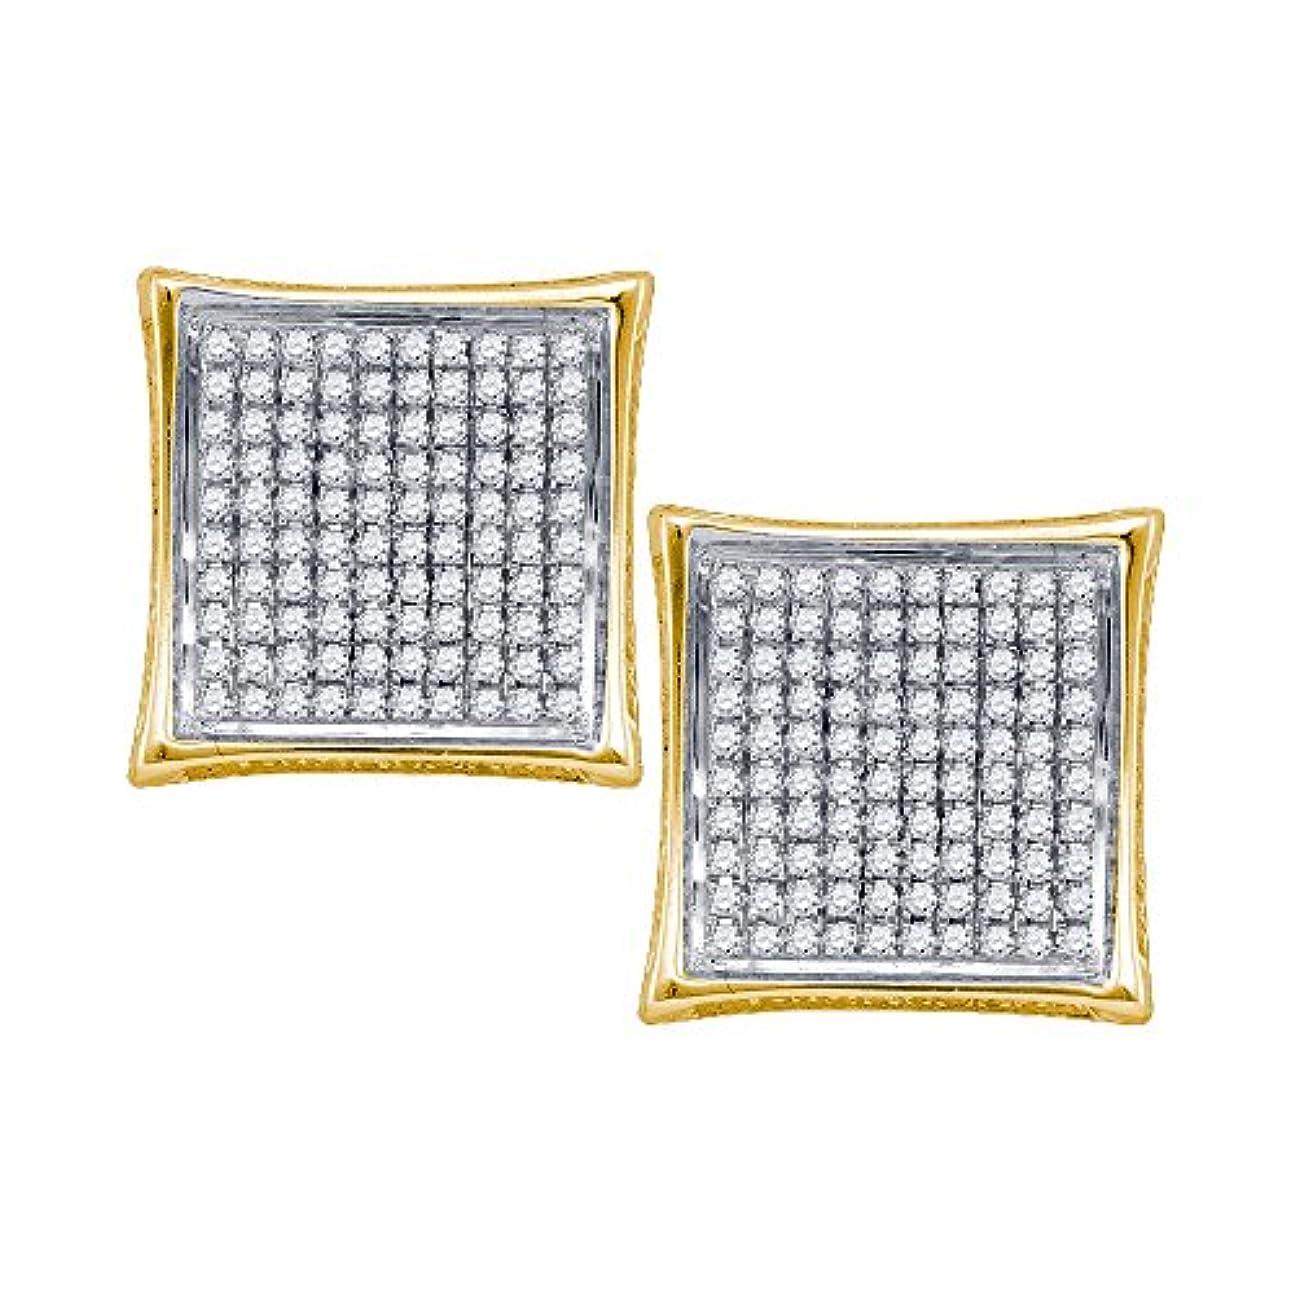 乳製品犯罪告発0.50 CTダイヤモンドmicro-paveメンズイヤリング